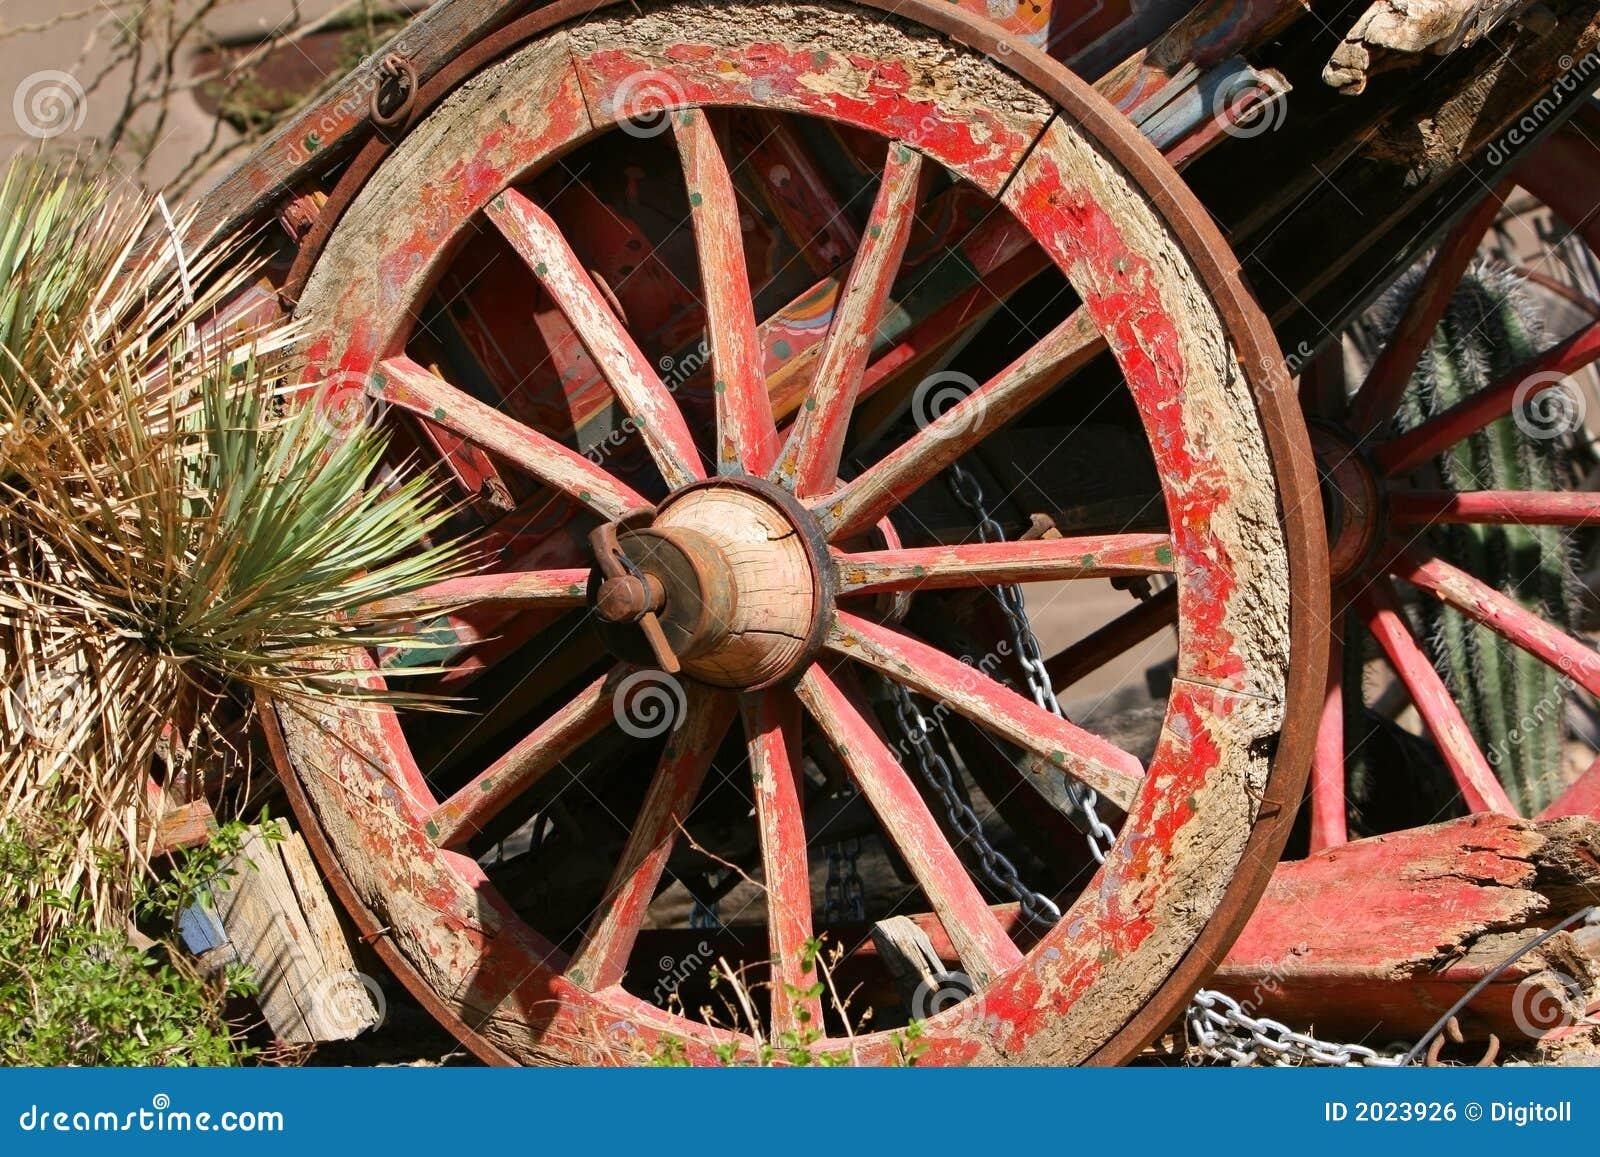 Old Wagon Among Cacti